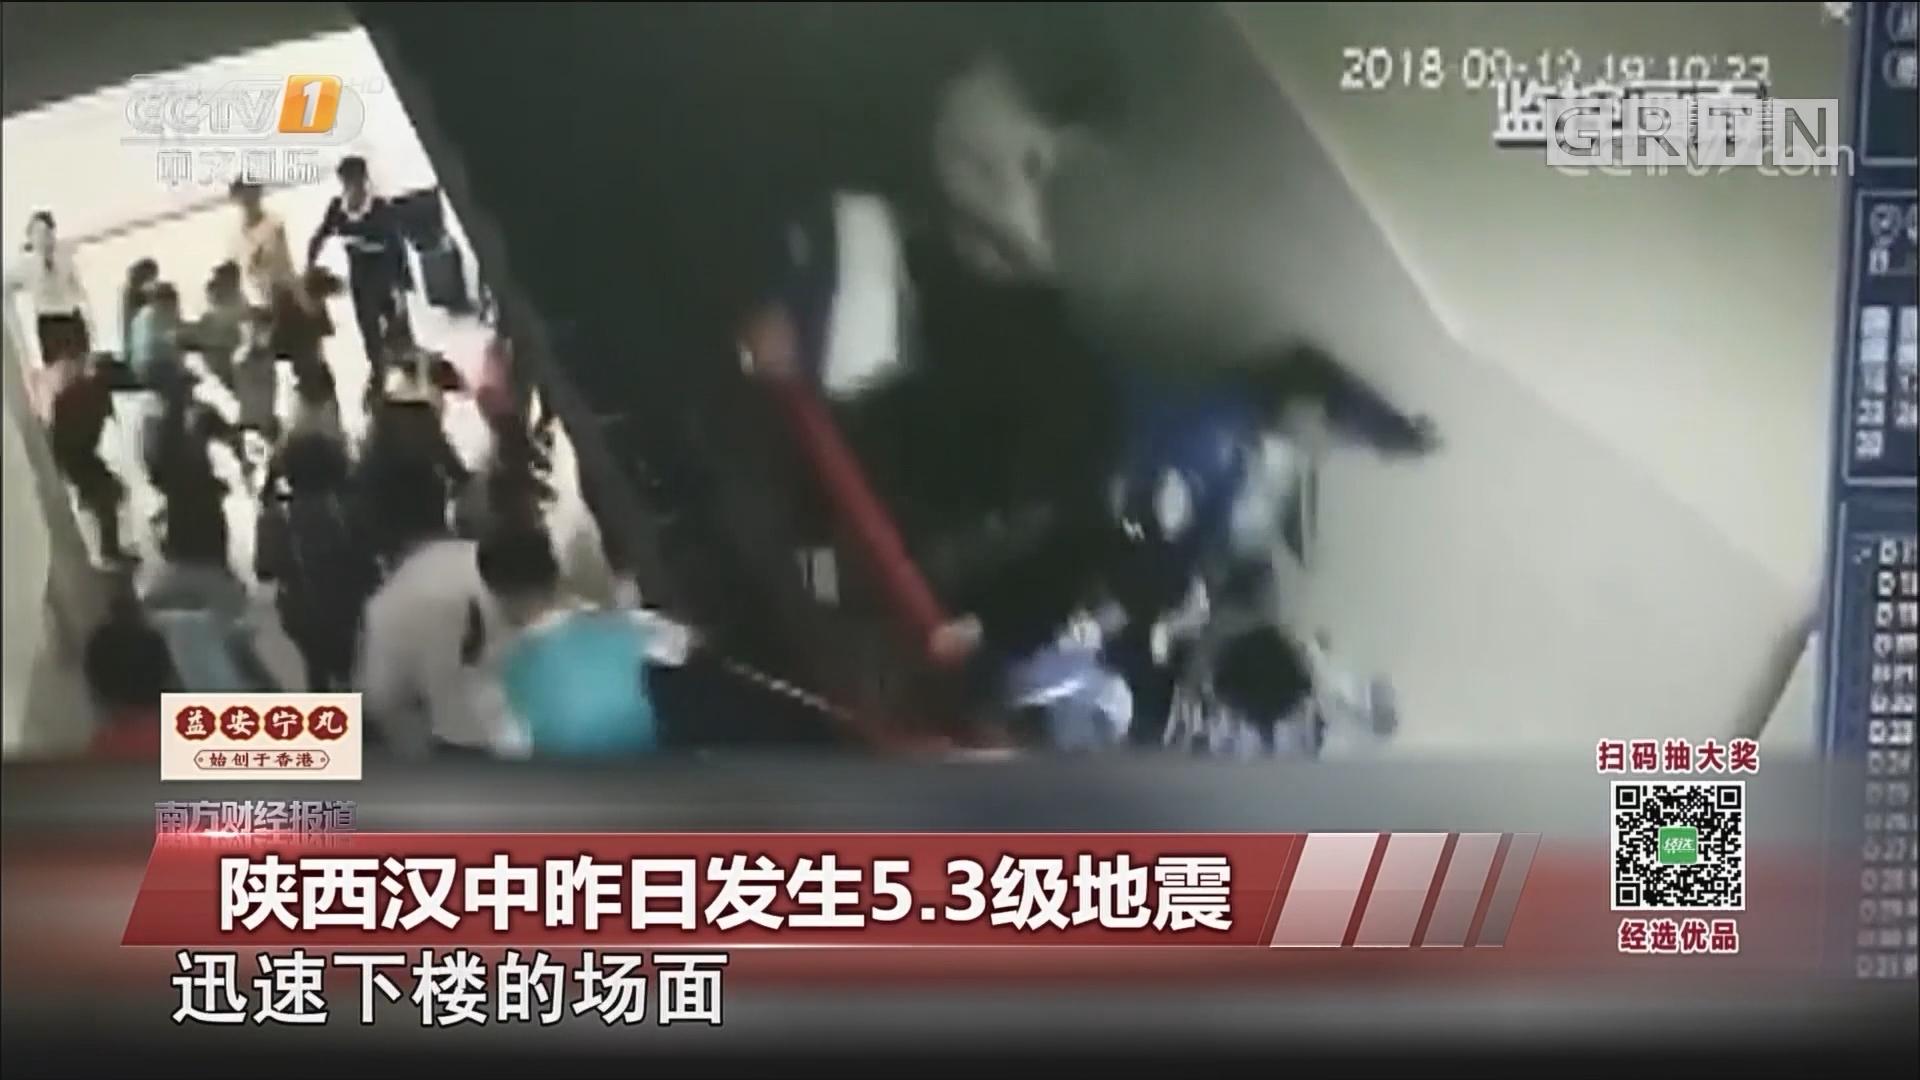 陕西汉中昨日发生5.3级地震